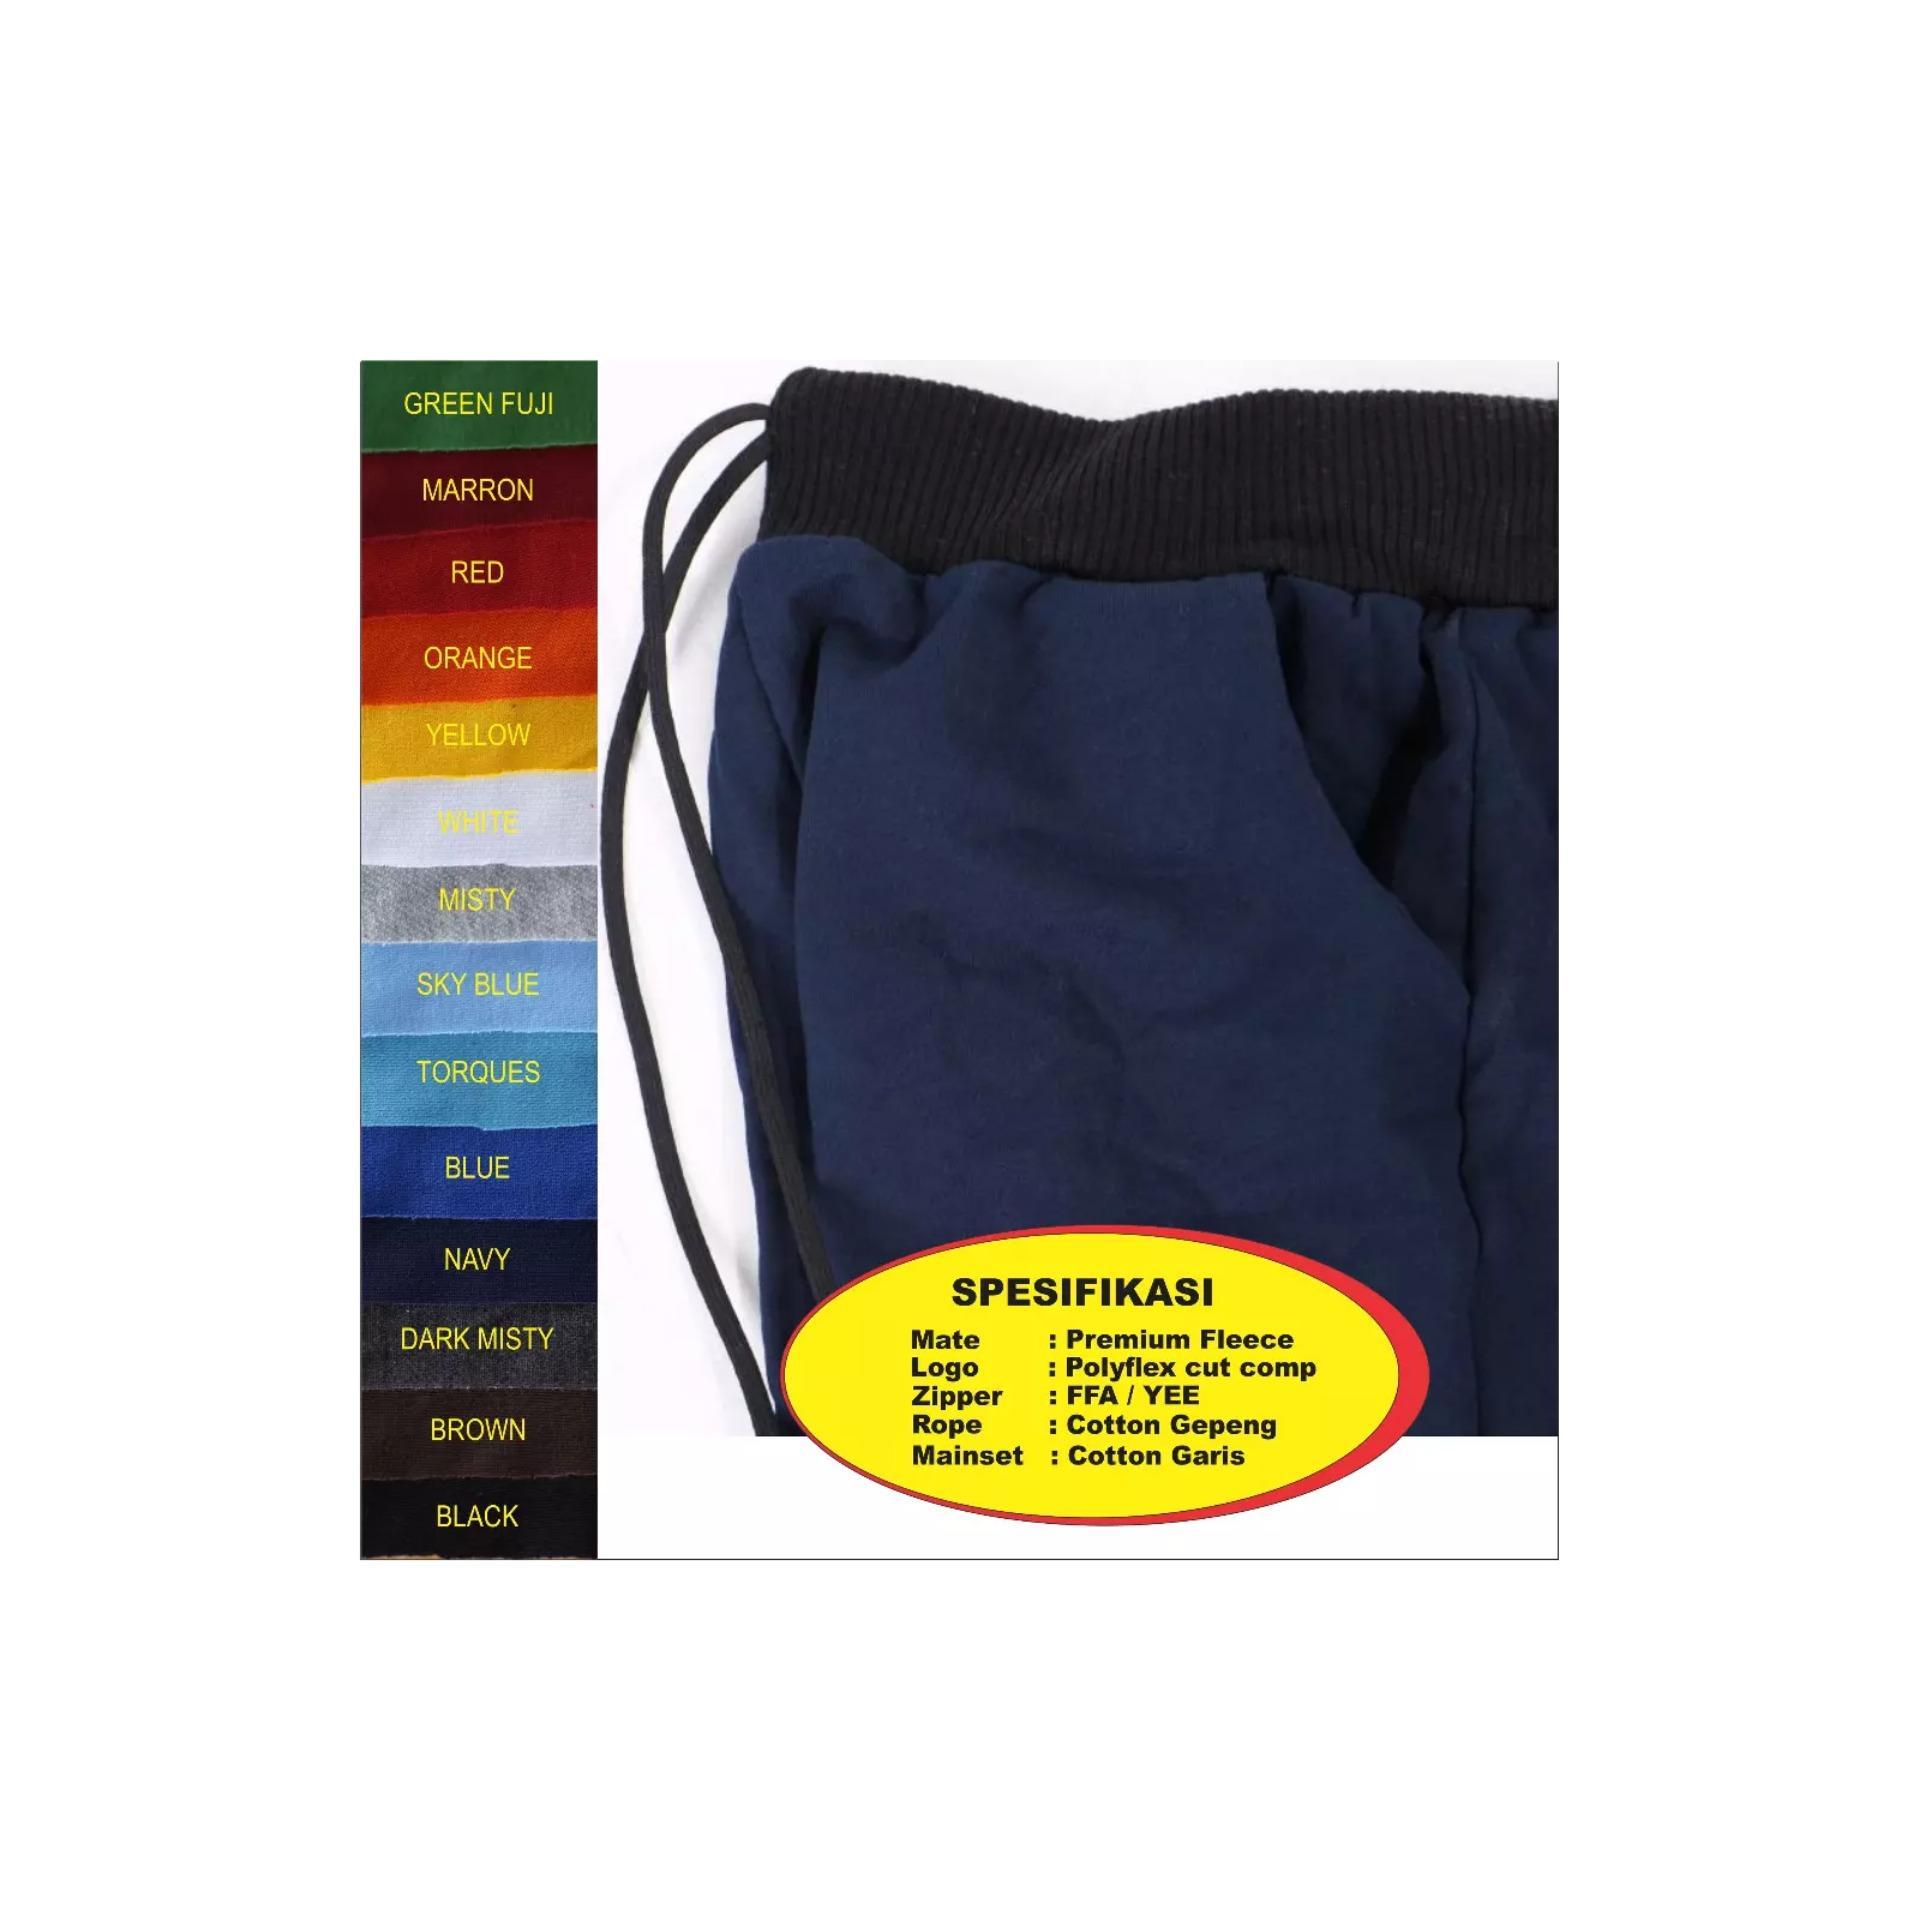 Eiger Celana Undersky Abu Daftar Harga Terkini Dan Terlengkap 1989 Thanatos Ol Pants Grey Pendek Pria 29 Gunung